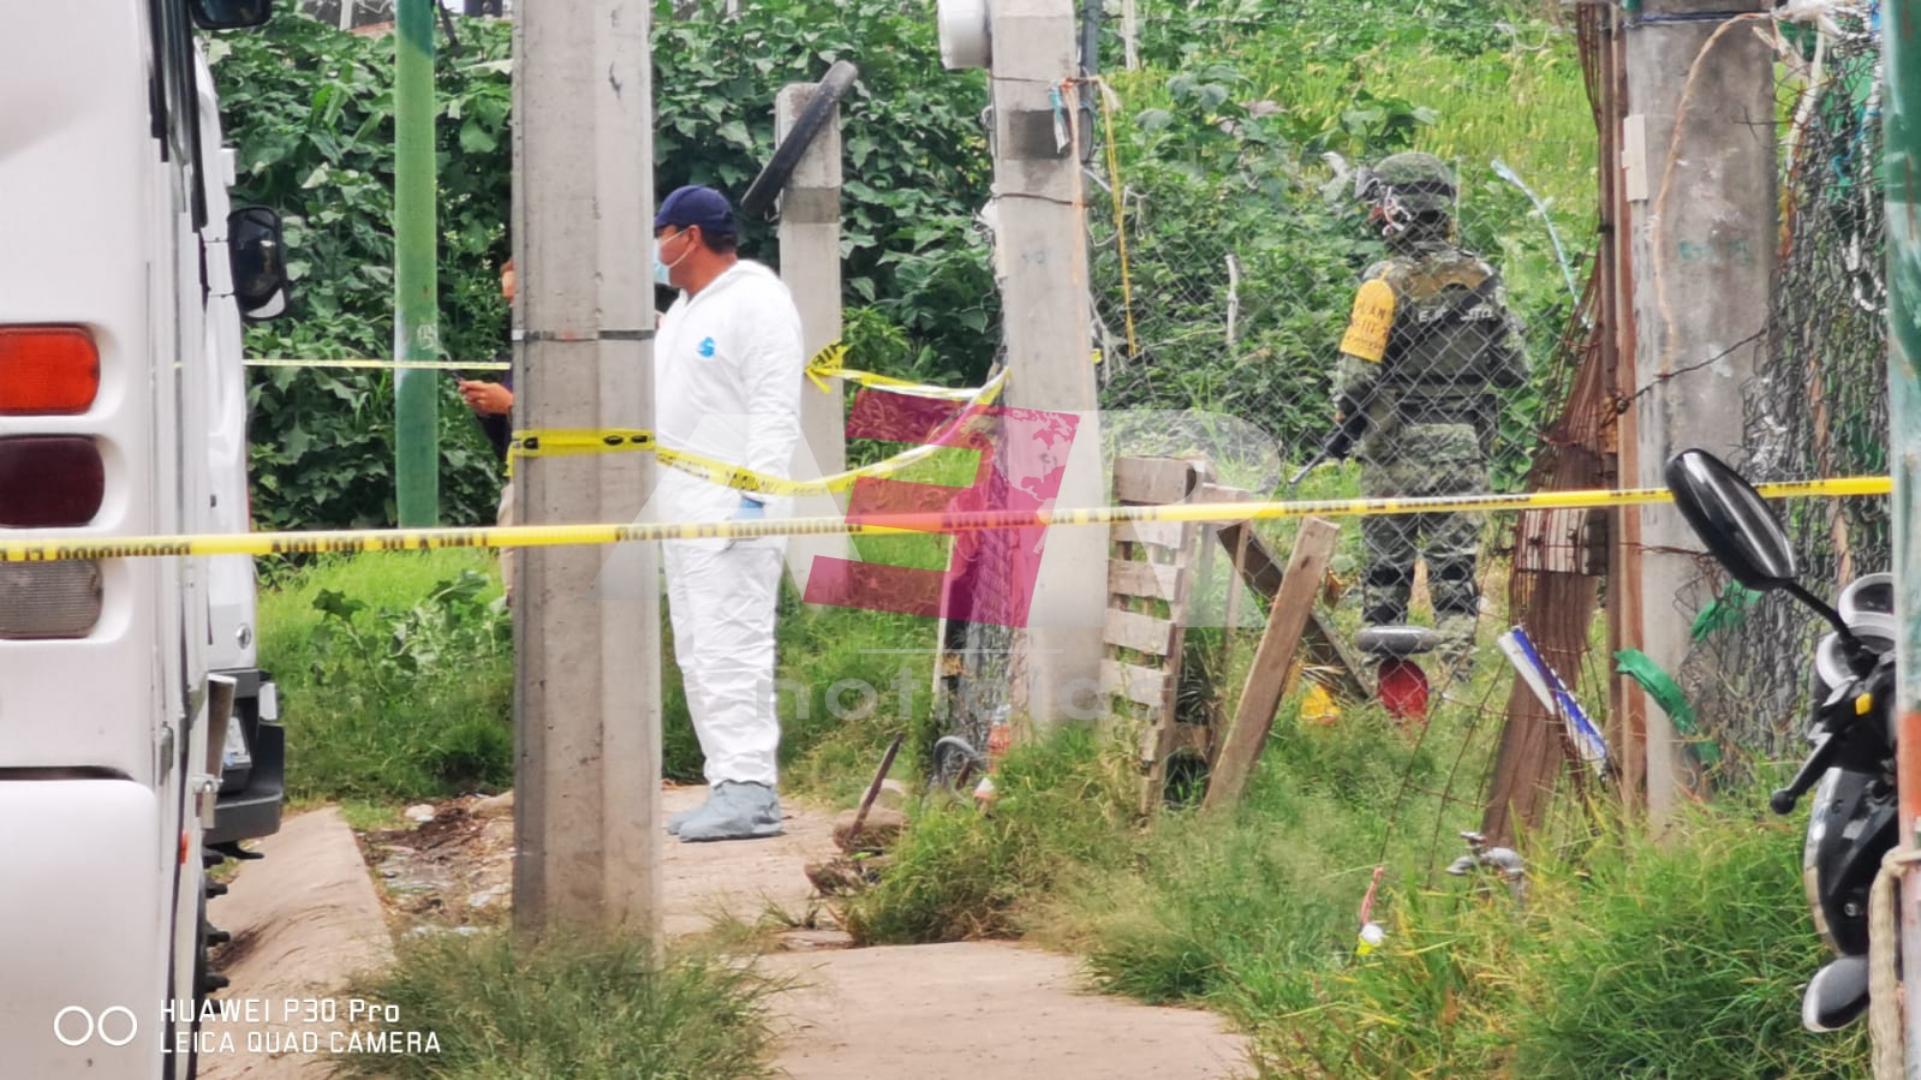 Matan a dos mujeres en Villas de San Cayetano, una más queda herida. 1